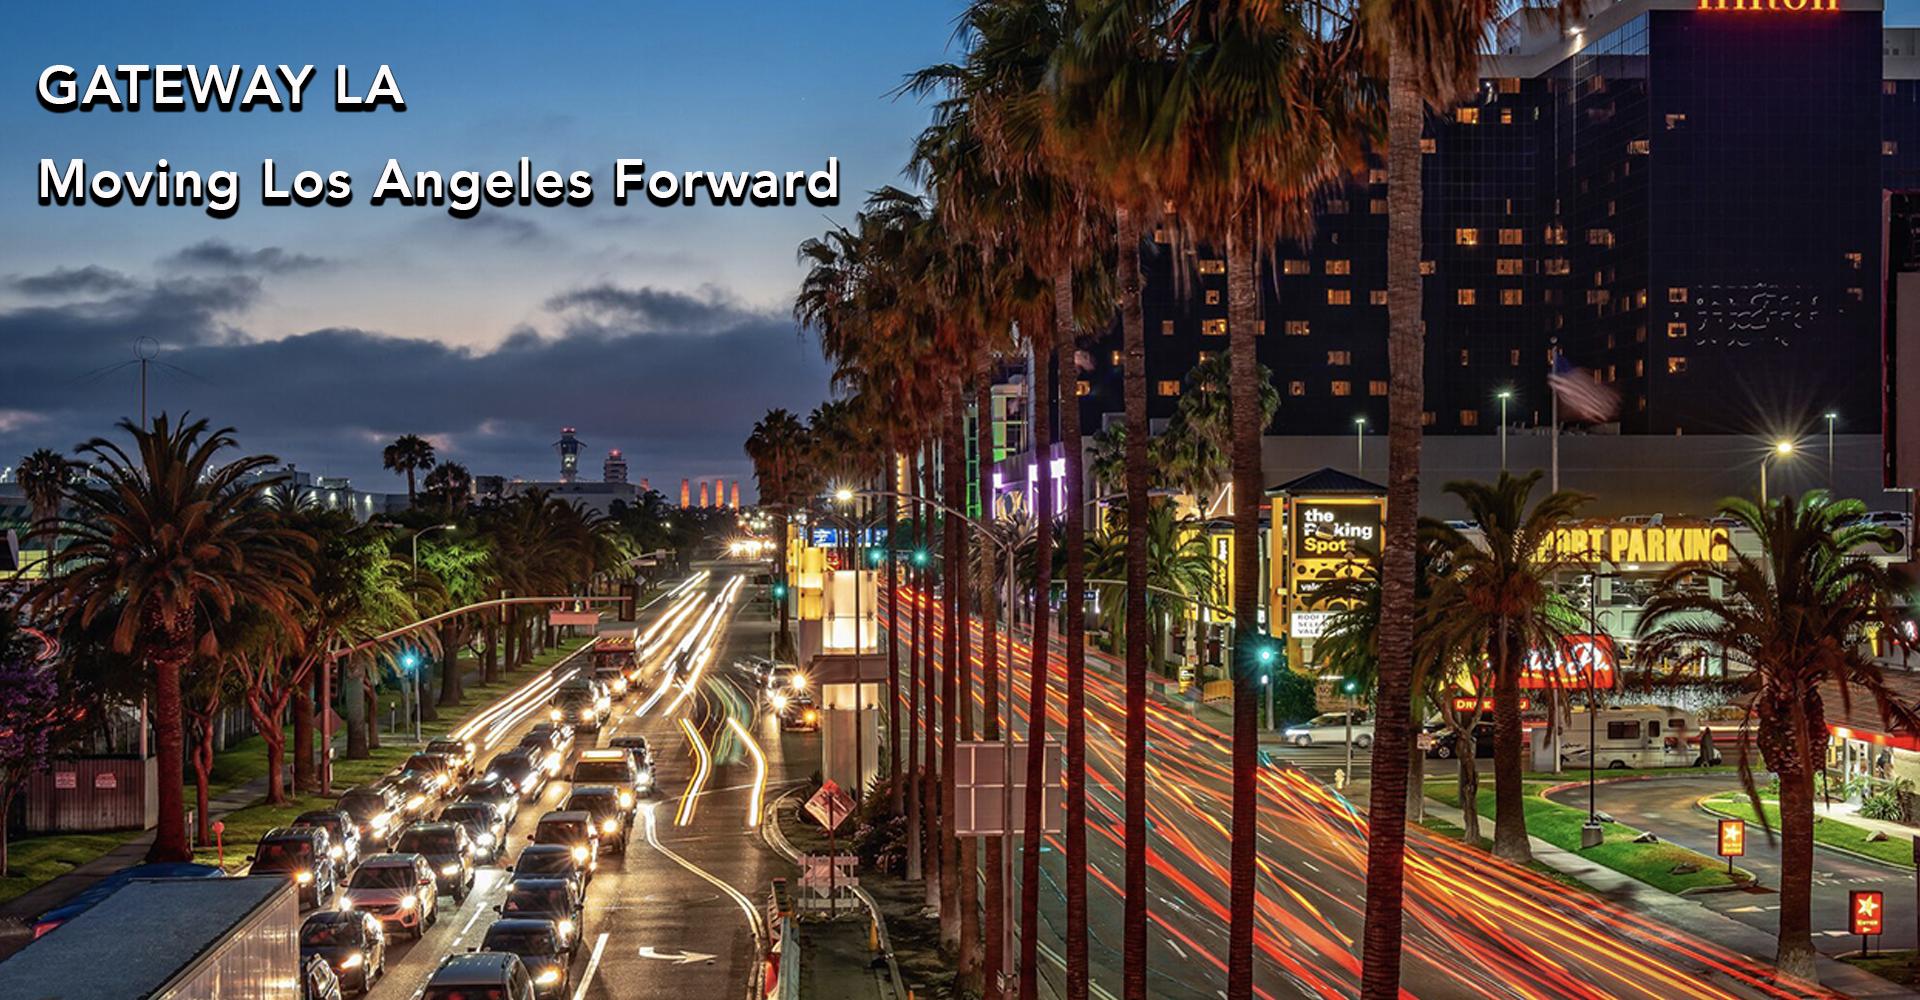 GATEWAY LA  Moving Los Angeles Forward.jpg